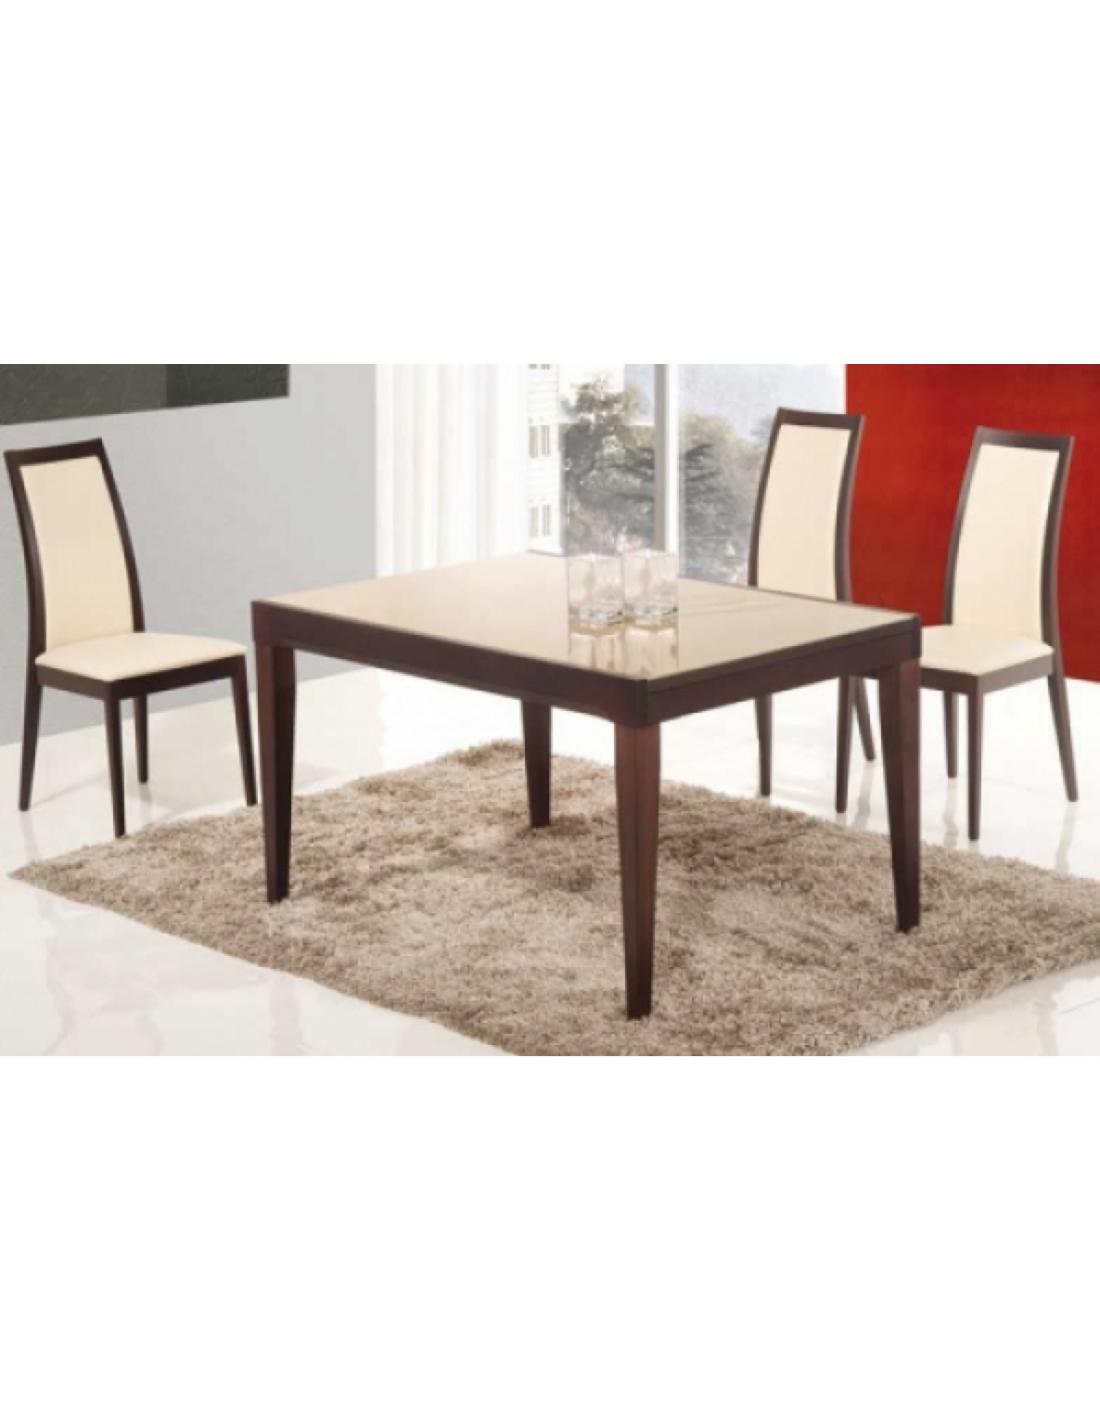 Tavolo in legno e piano in vetro art 2229 130x90 cm for Tavolo in legno e vetro